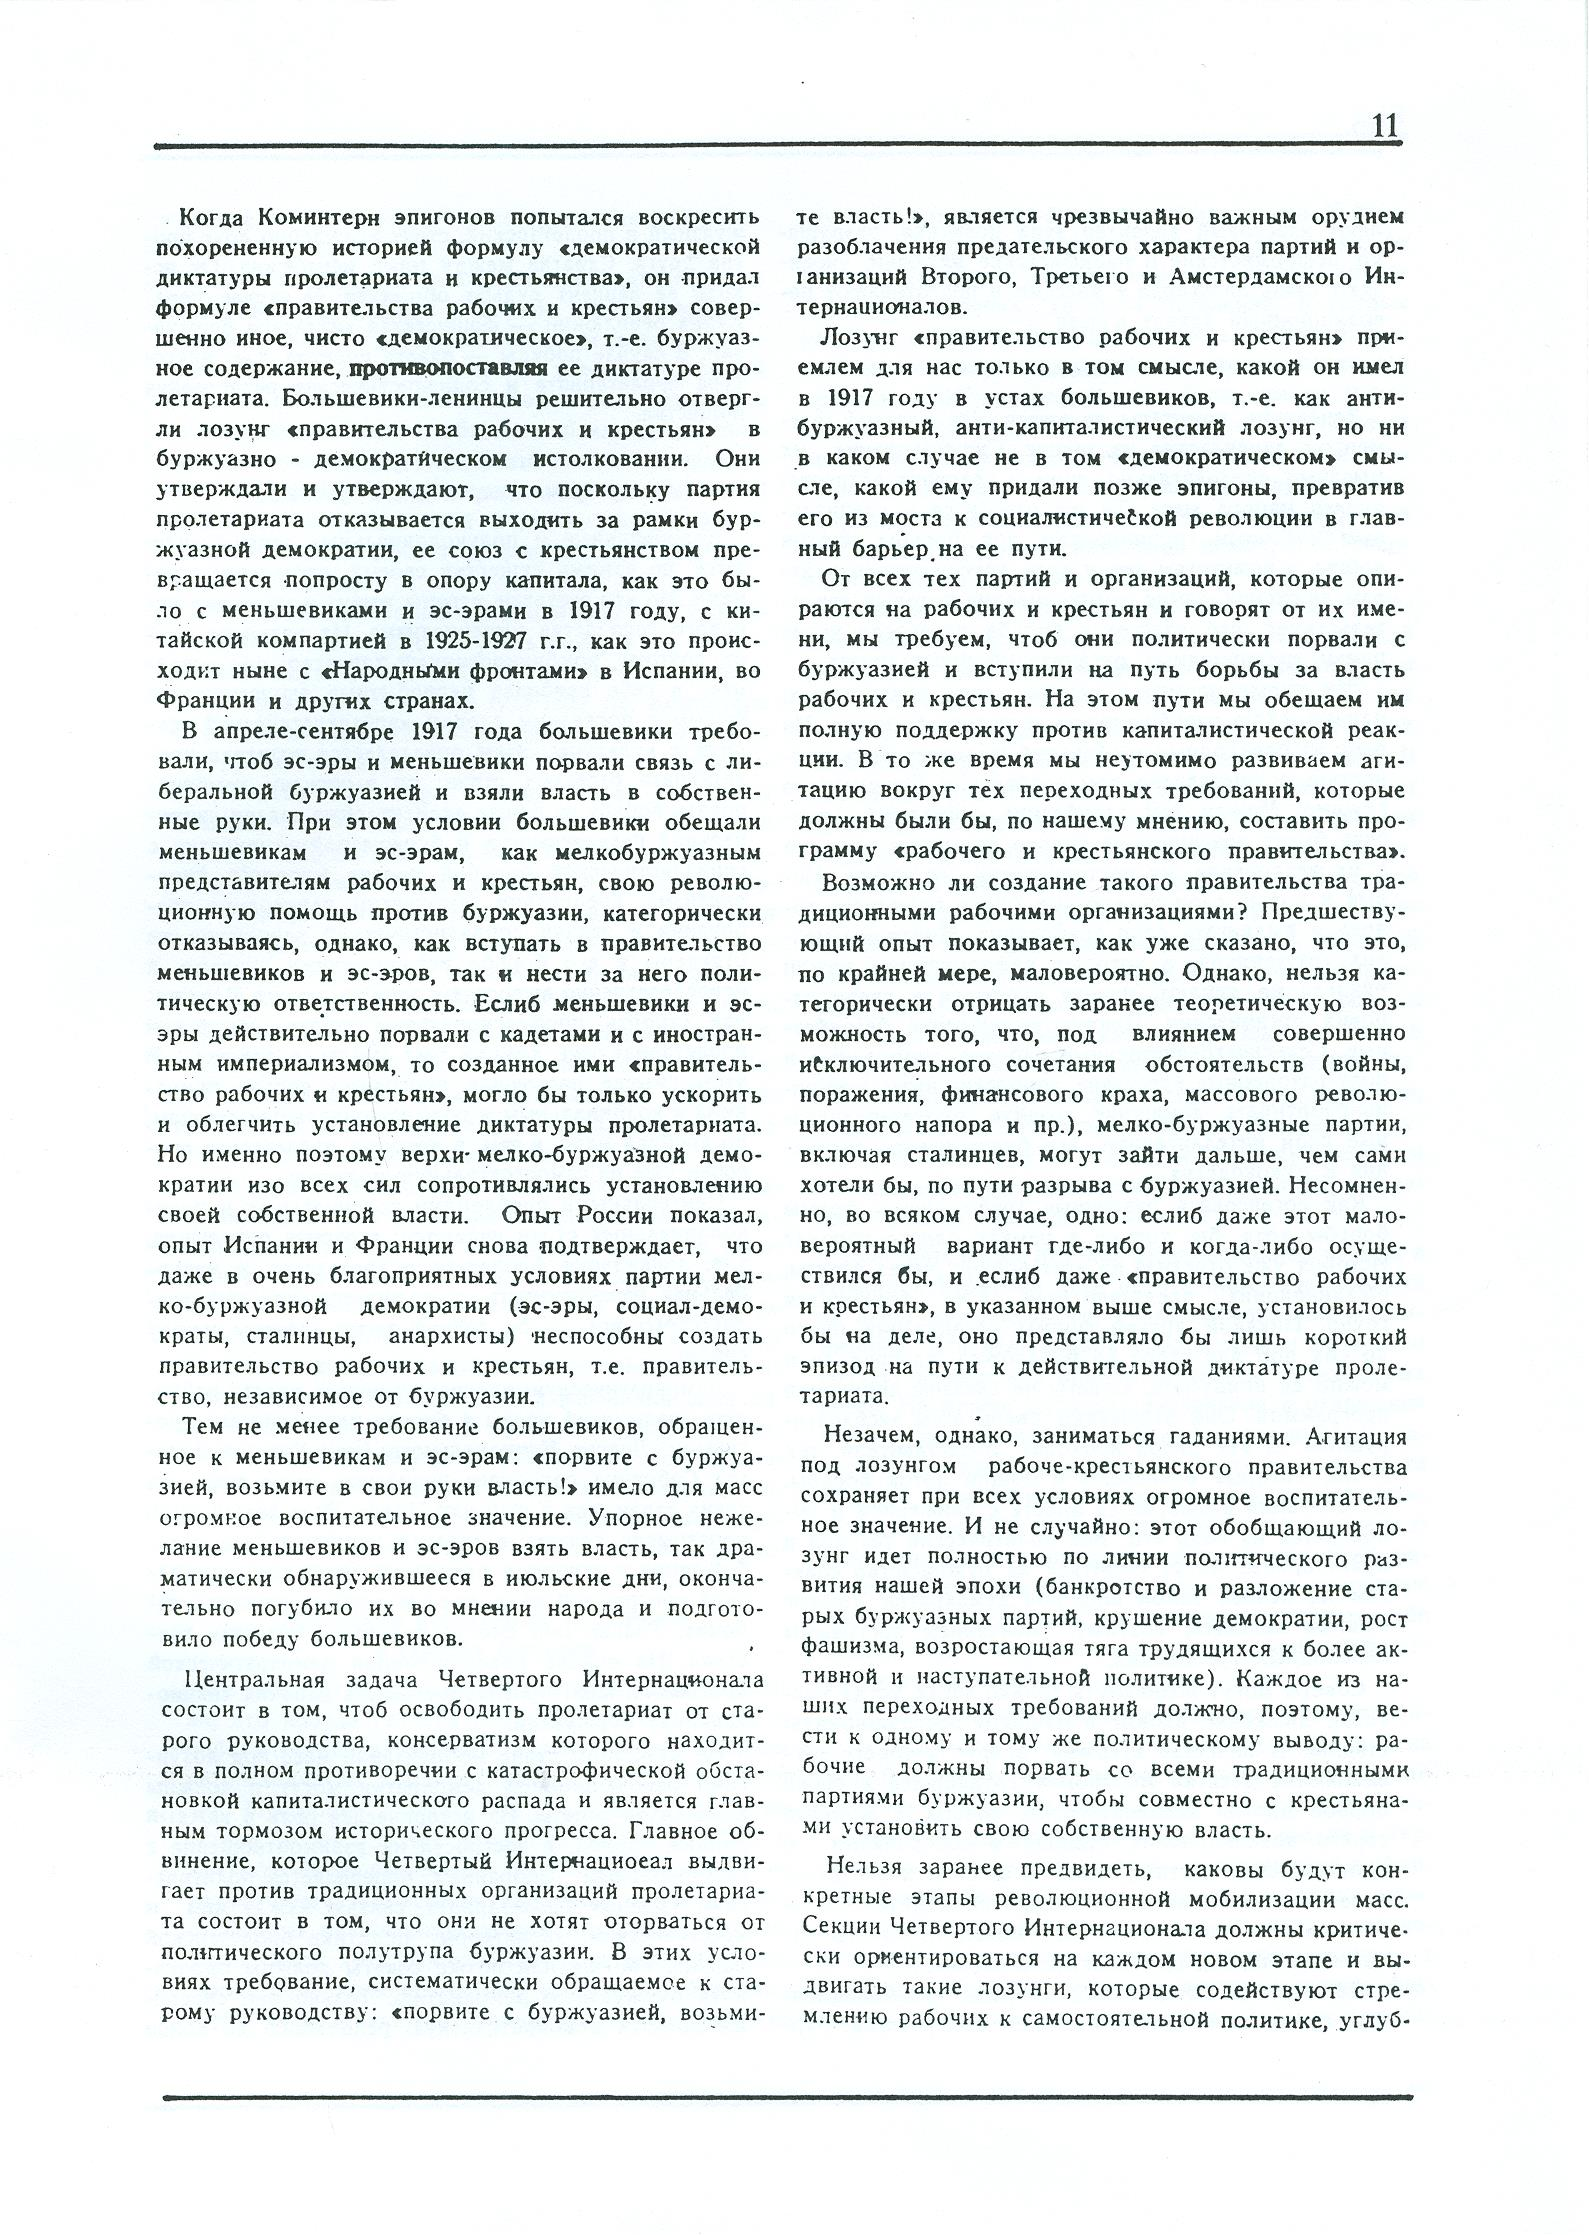 Dagli archivi del bolscevismo n. 1 (marzo 1986) - pag. 11